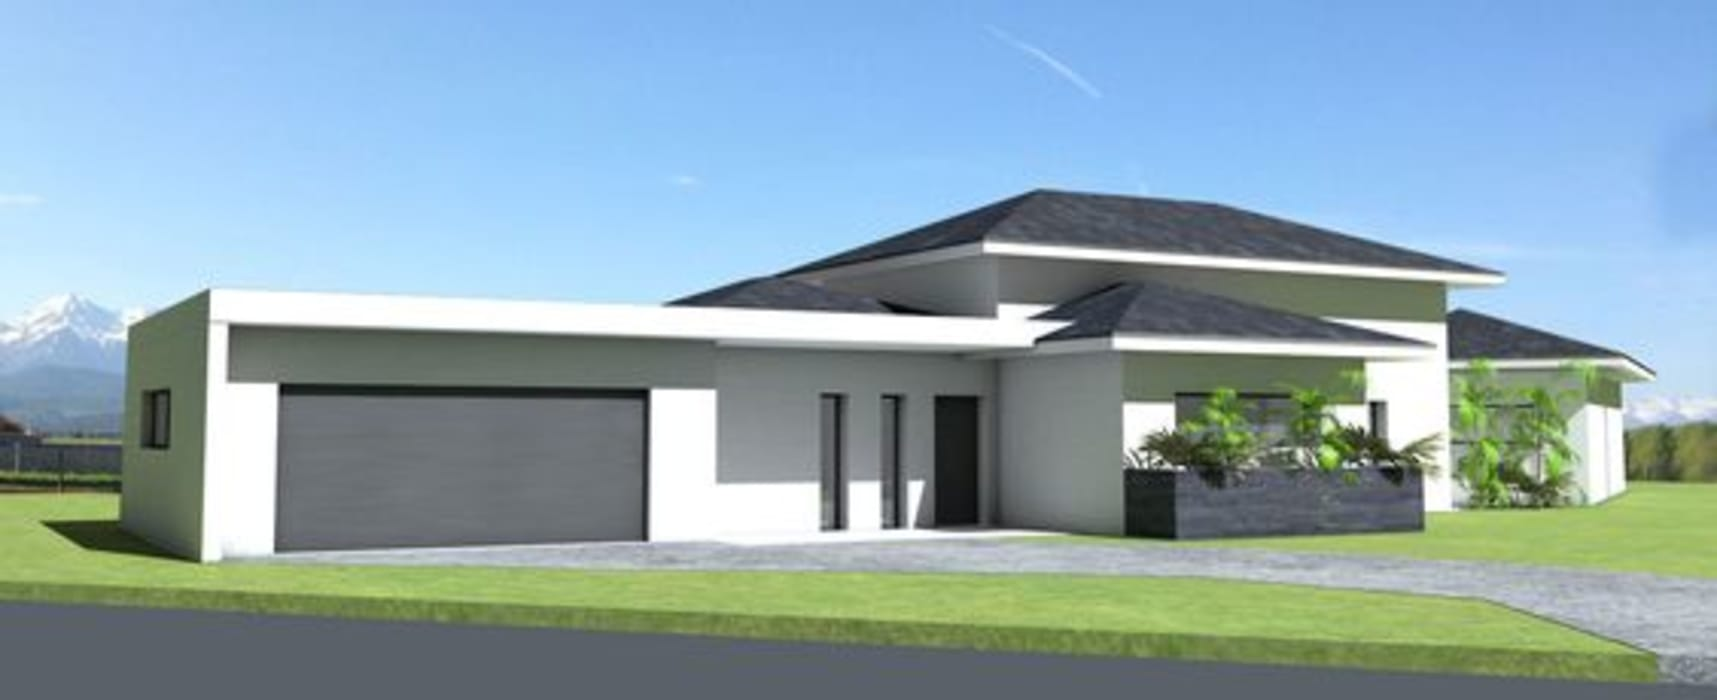 Maison contemporaine à grande terrasse couverte et tuiles ...